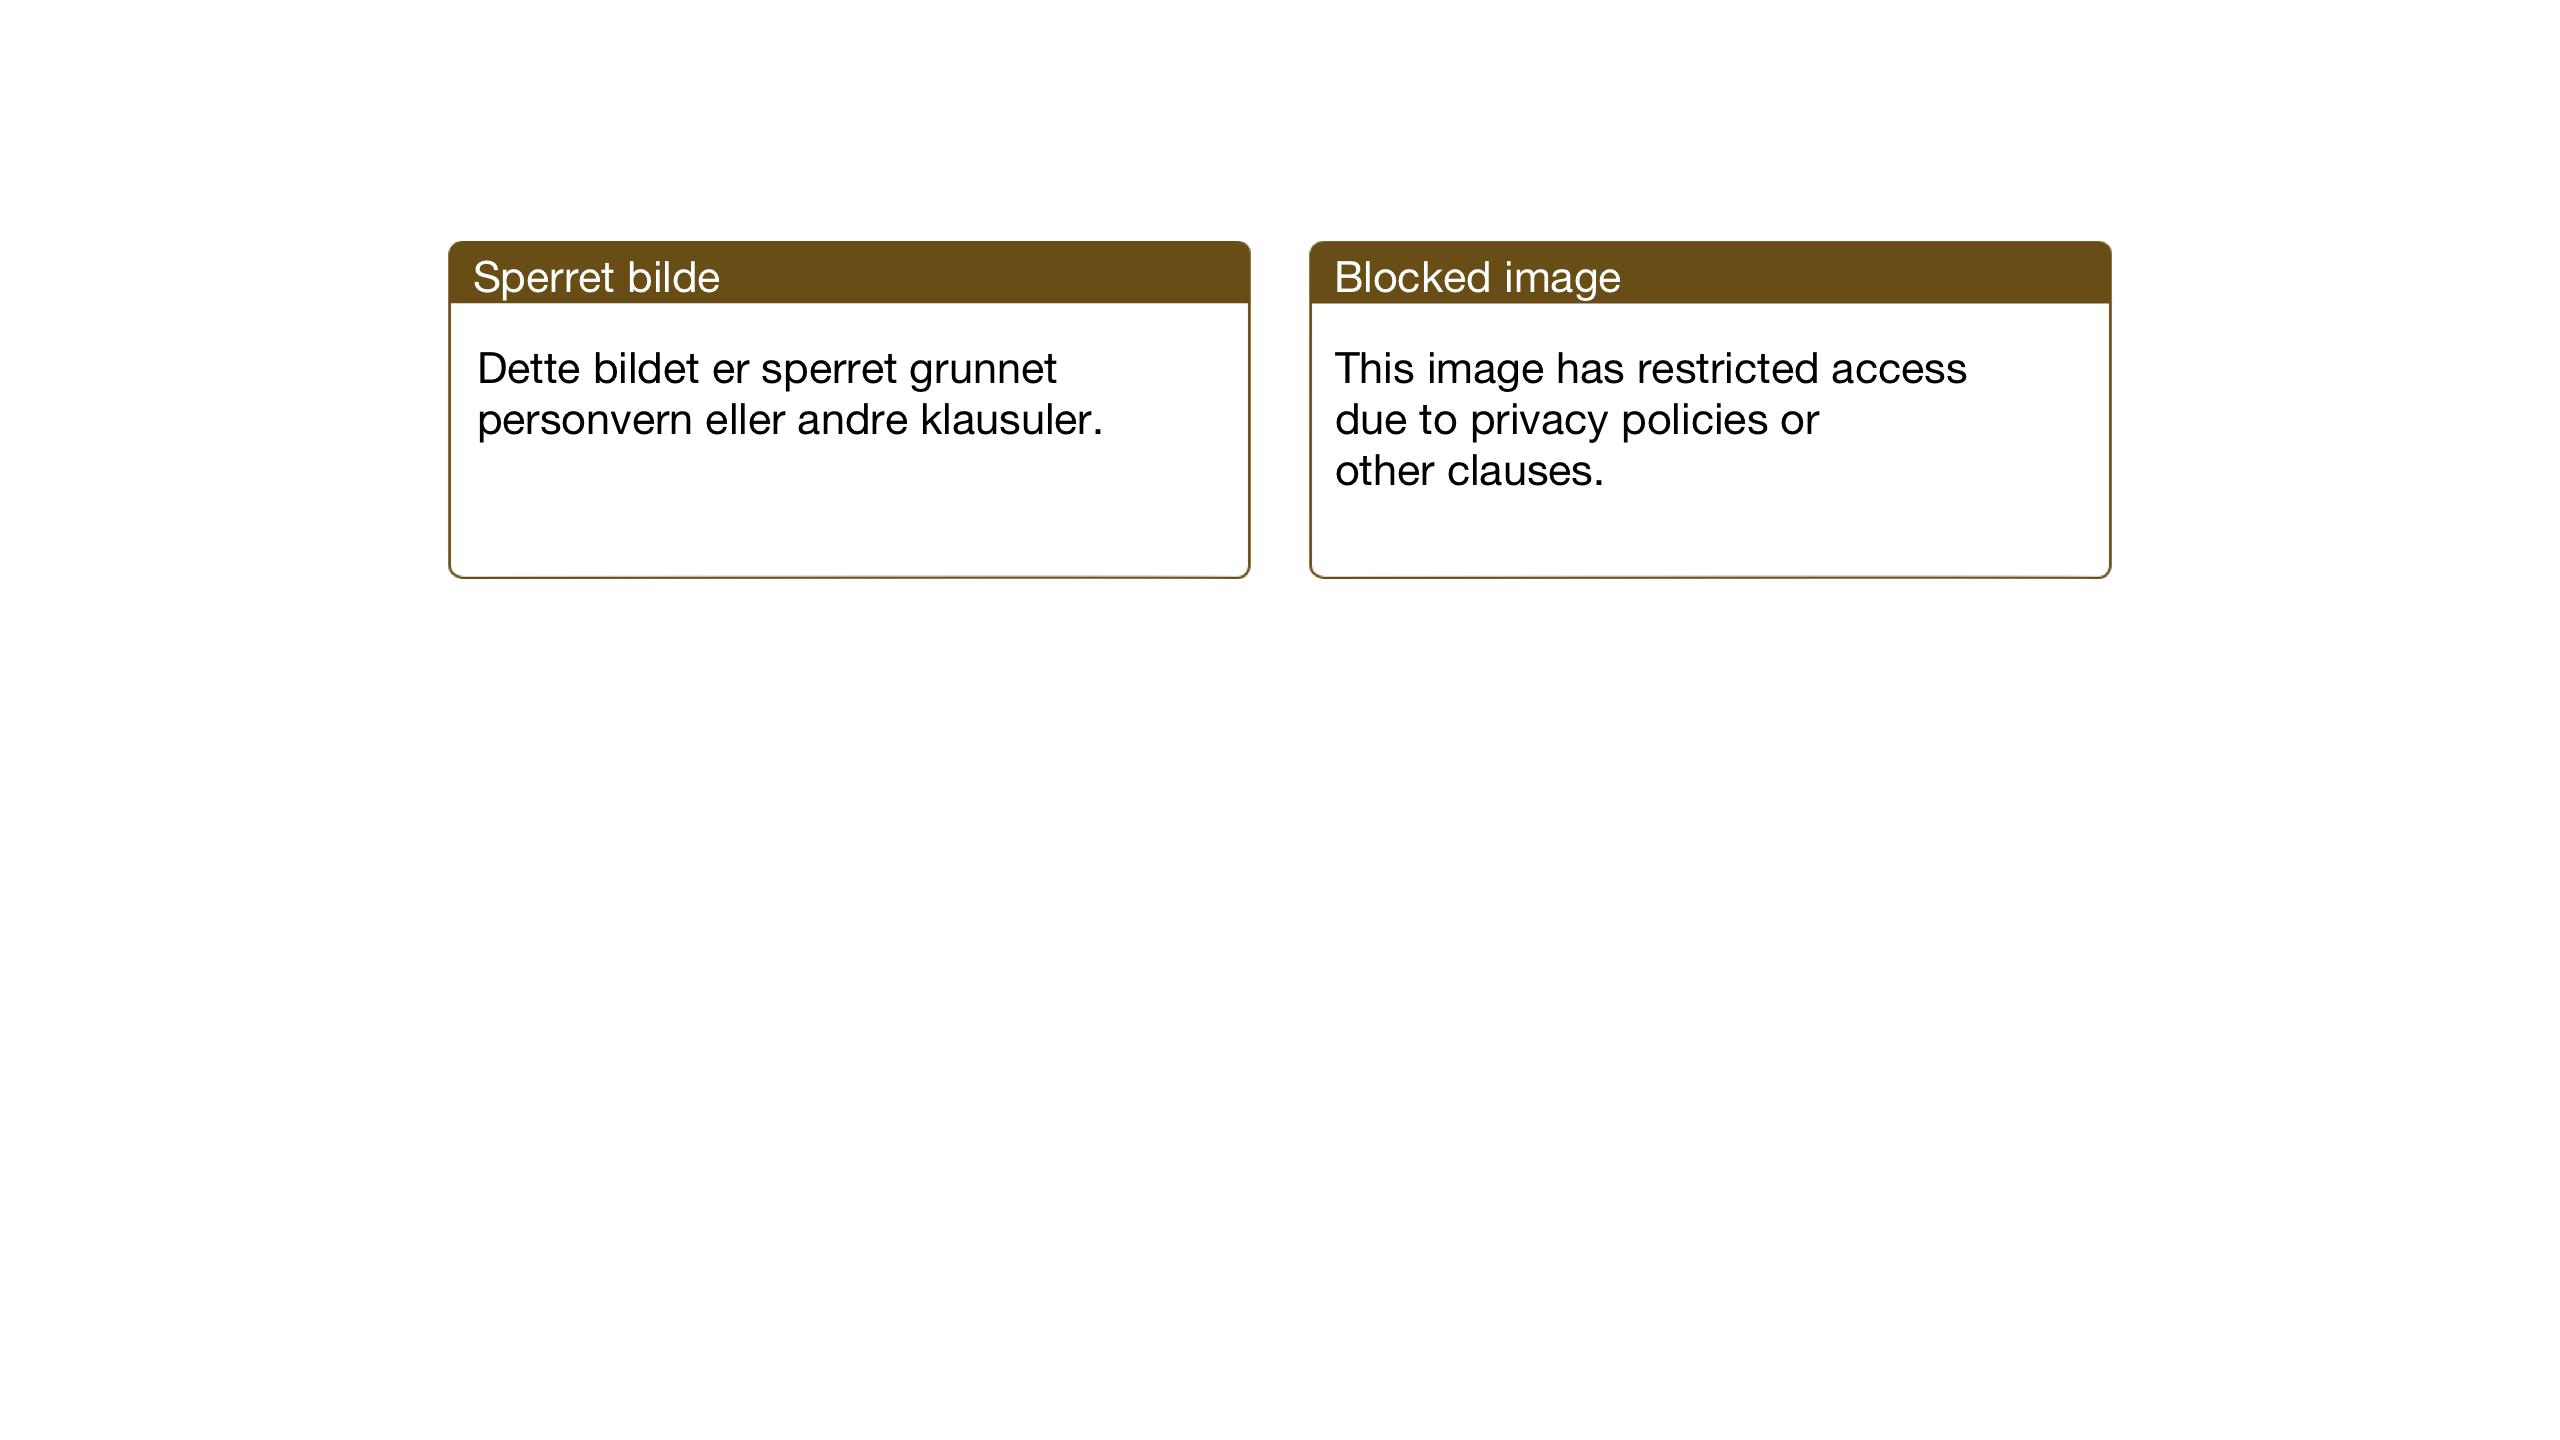 SAT, Ministerialprotokoller, klokkerbøker og fødselsregistre - Sør-Trøndelag, 603/L0174: Klokkerbok nr. 603C02, 1923-1951, s. 168